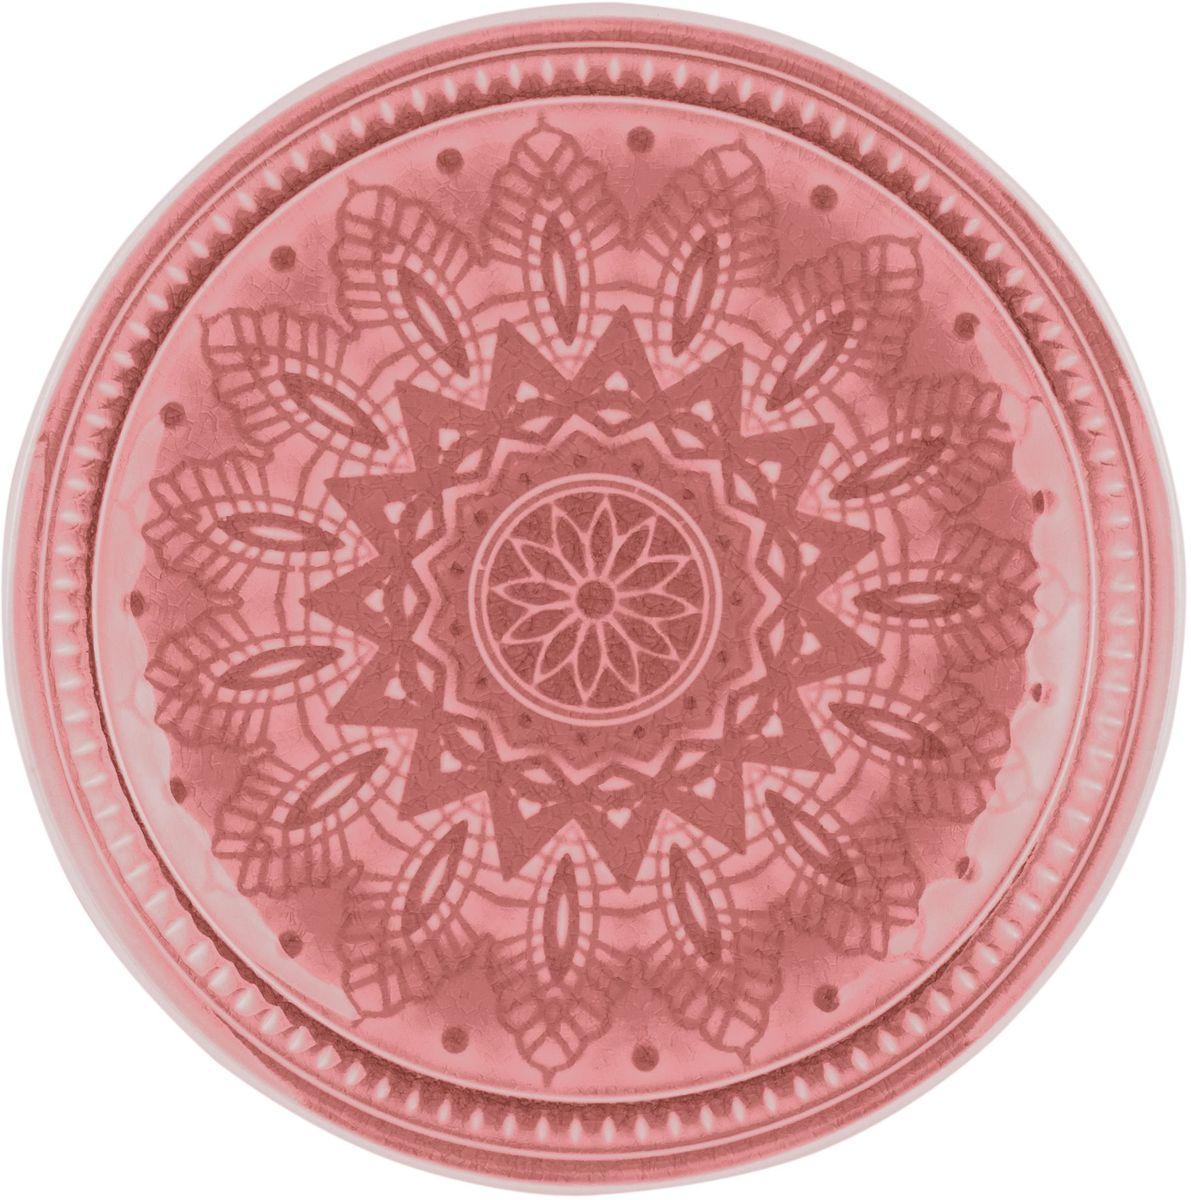 Набор тарелок десертных Tongo, цвет: розовый само, диаметр 20,5 см, 6 штPL-205p Tongo Набор тарелок десертныхТрадиционная этническая посуда Индонезии. Декоративная техника придает посуде этнический шарм, с элементами старения, в виде паутинки мелких трещинок на поверхности эмали, что повышает ее привлекательность и ценность среди посудных аналогов. В процессе эксплуатации мелкие трещины так же могут проявляться на внутренних поверхностях кружек и салатников, - что так же является задумкой дизайнеров, заложенной в производственной технологии.